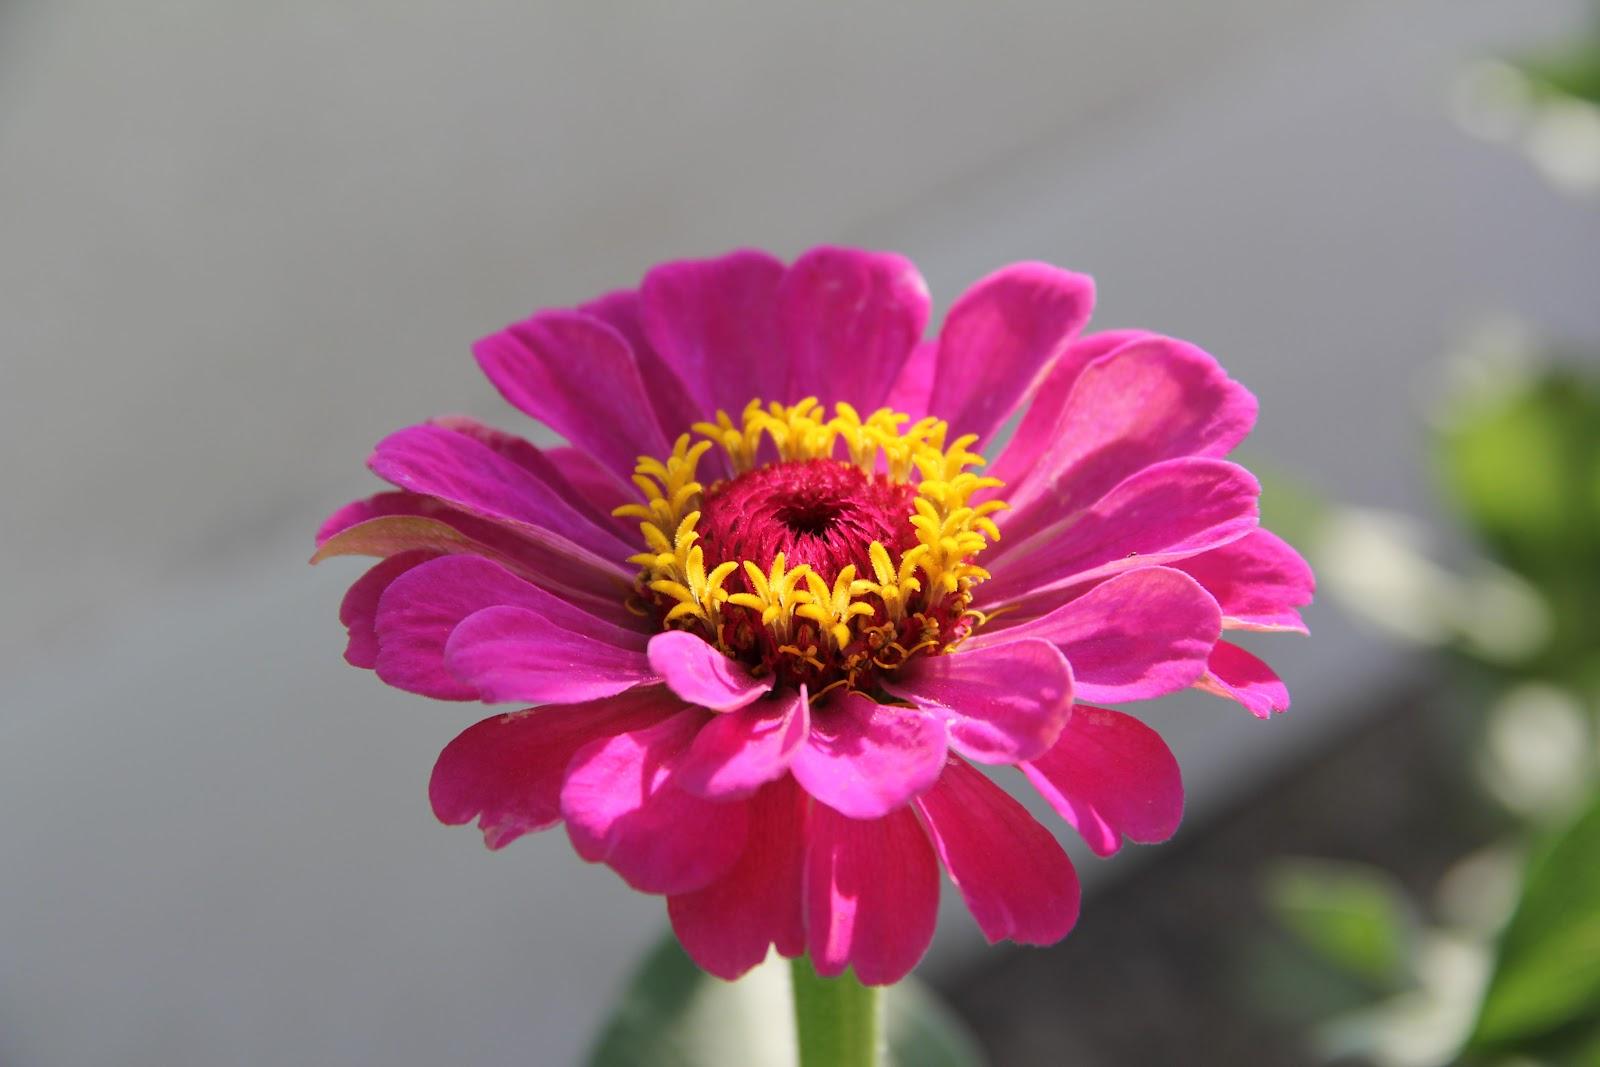 Fotos jm g flor de verano - Flores de verano ...